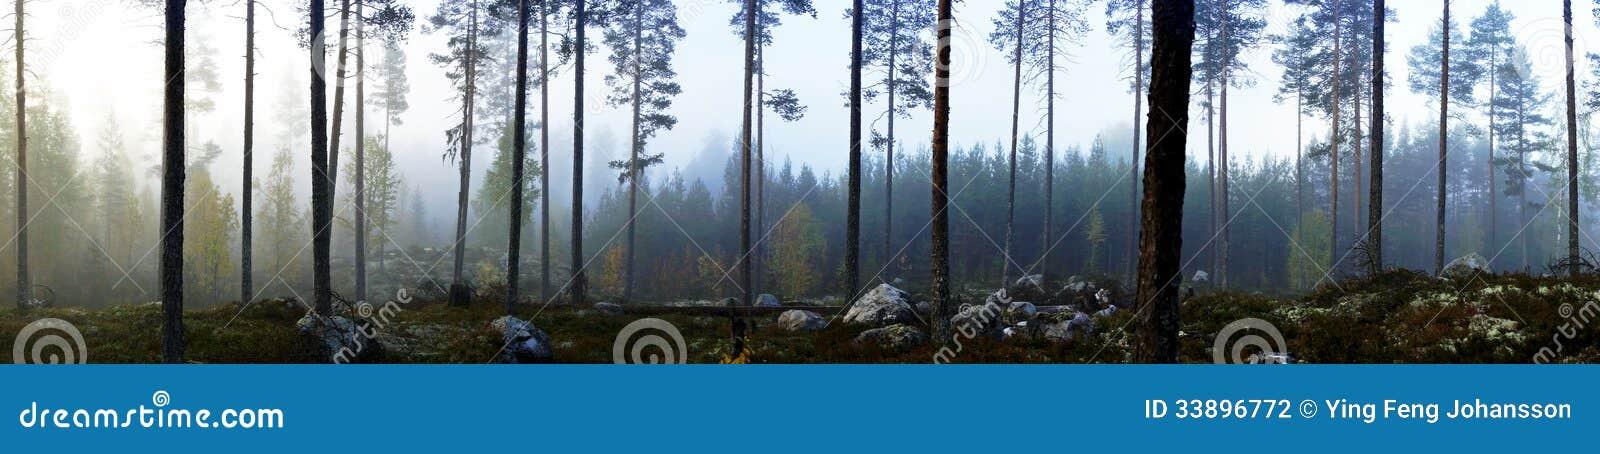 Schwedischer Kiefernwald im Nebel